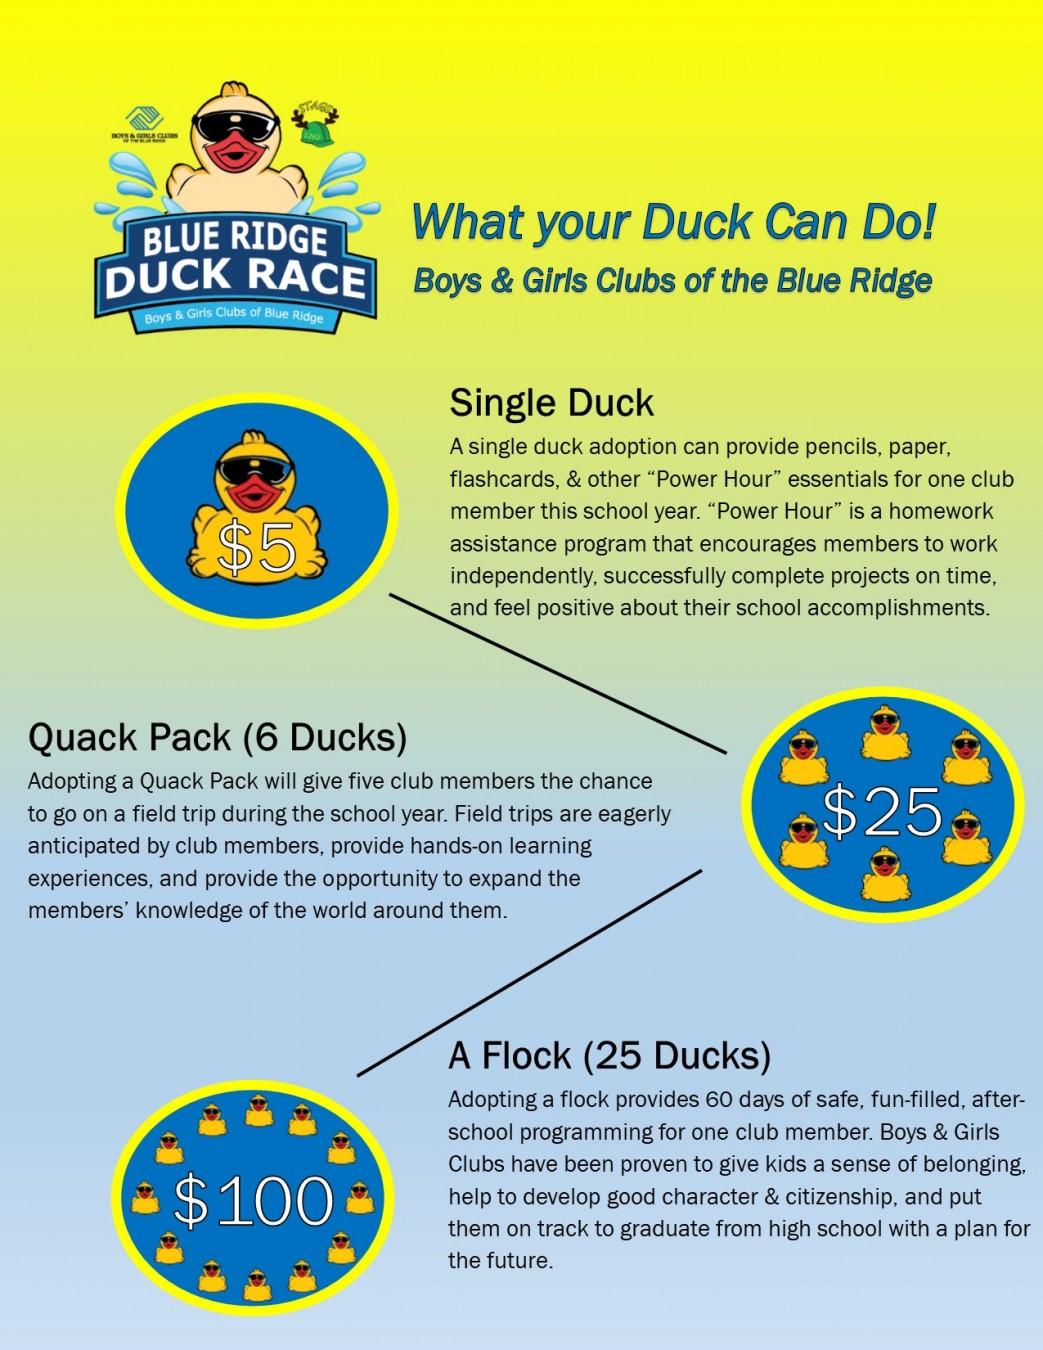 Blue Ridge Duck Race